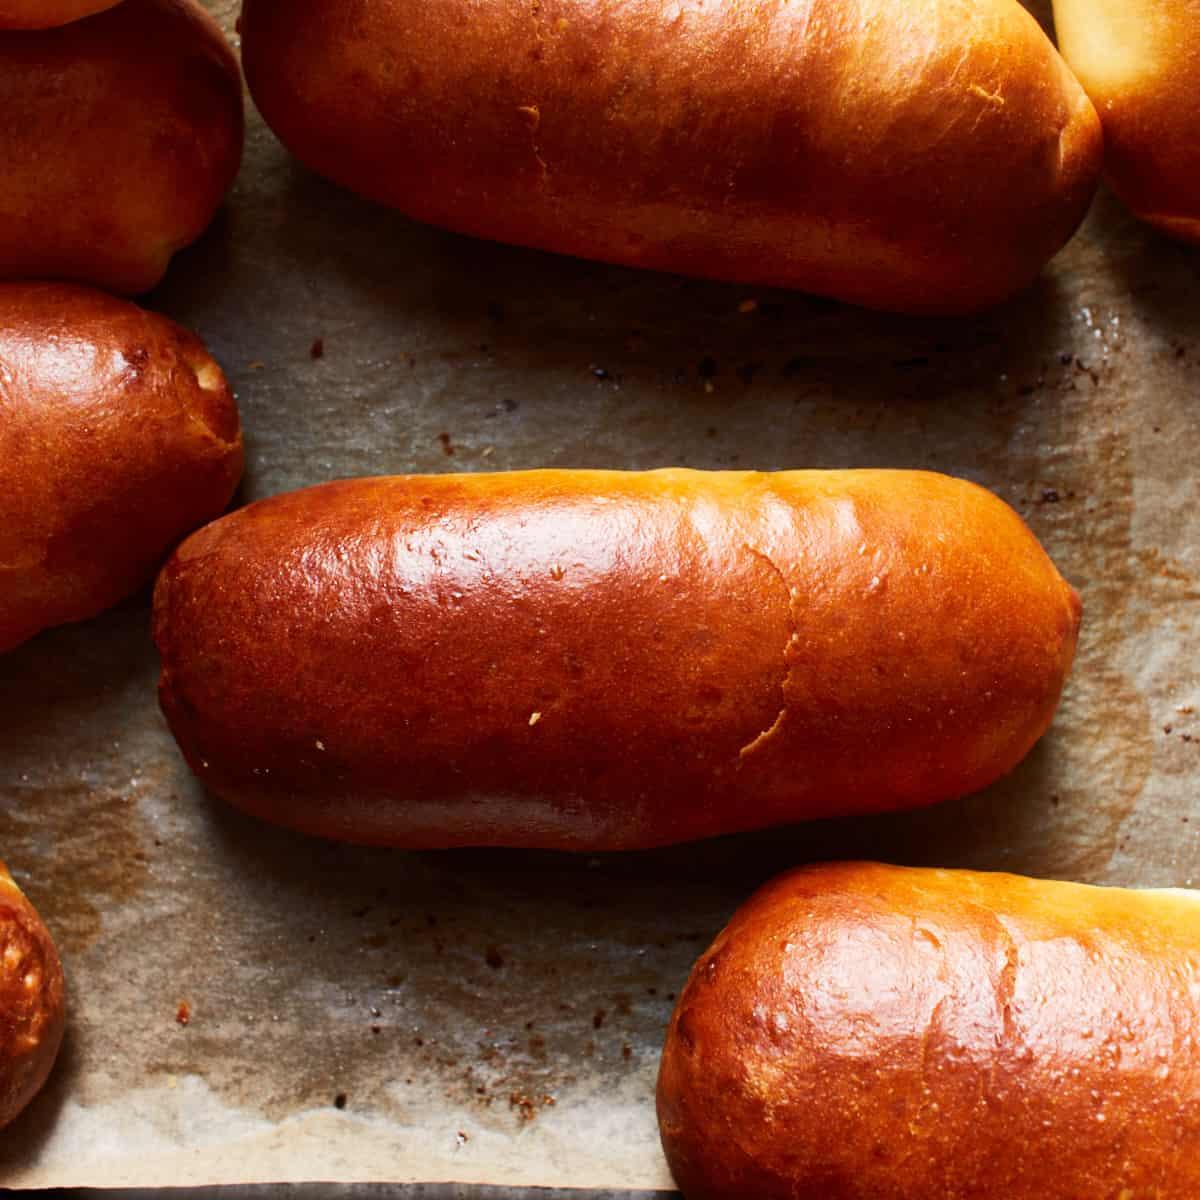 Hot dog buns on a baking sheet